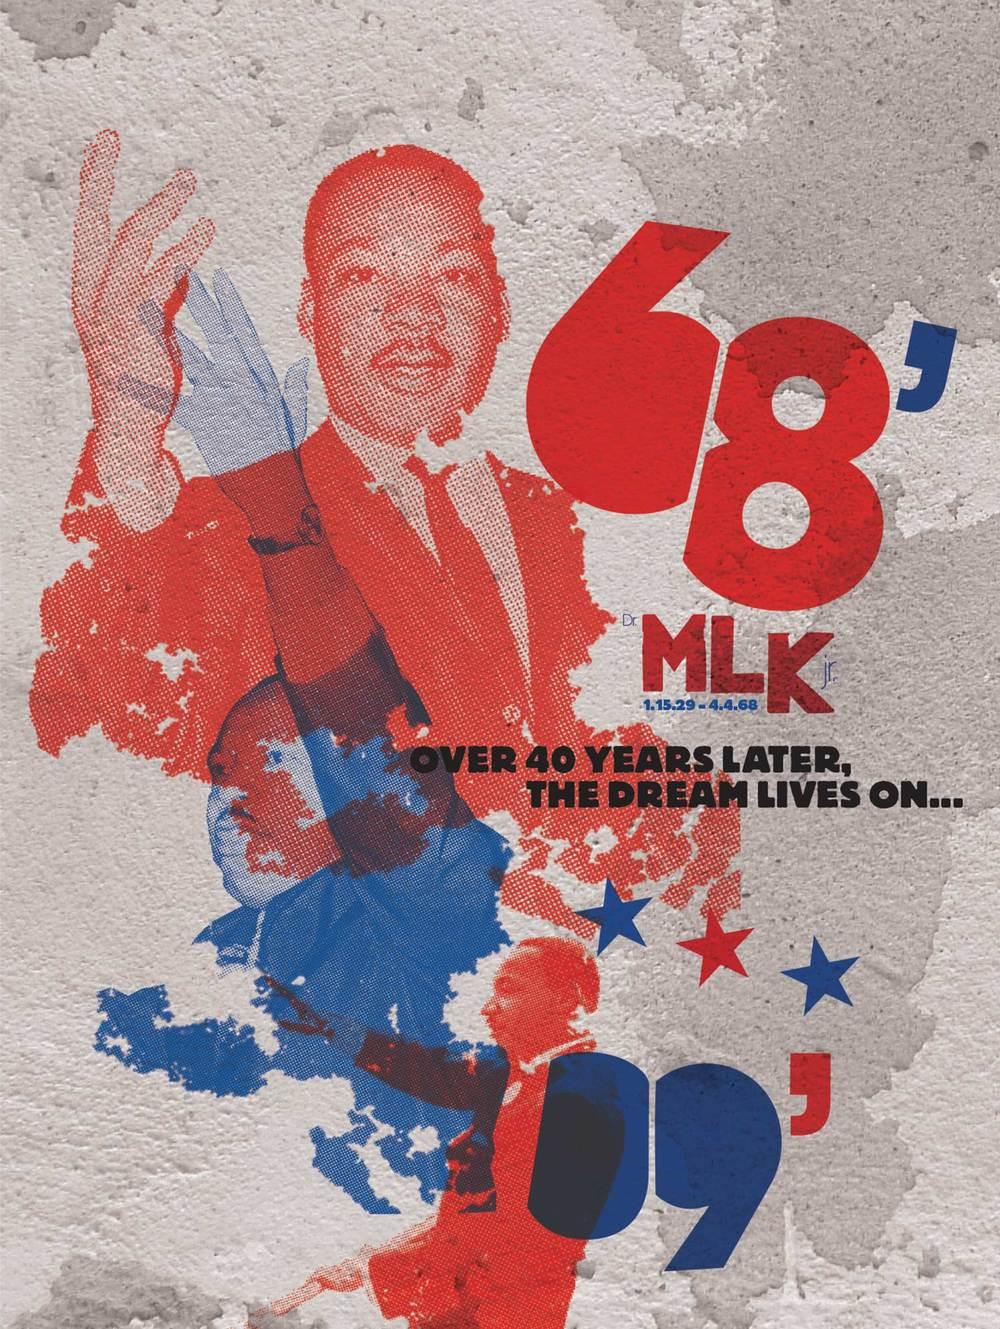 MLK-Tribute-3-of-3.jpg